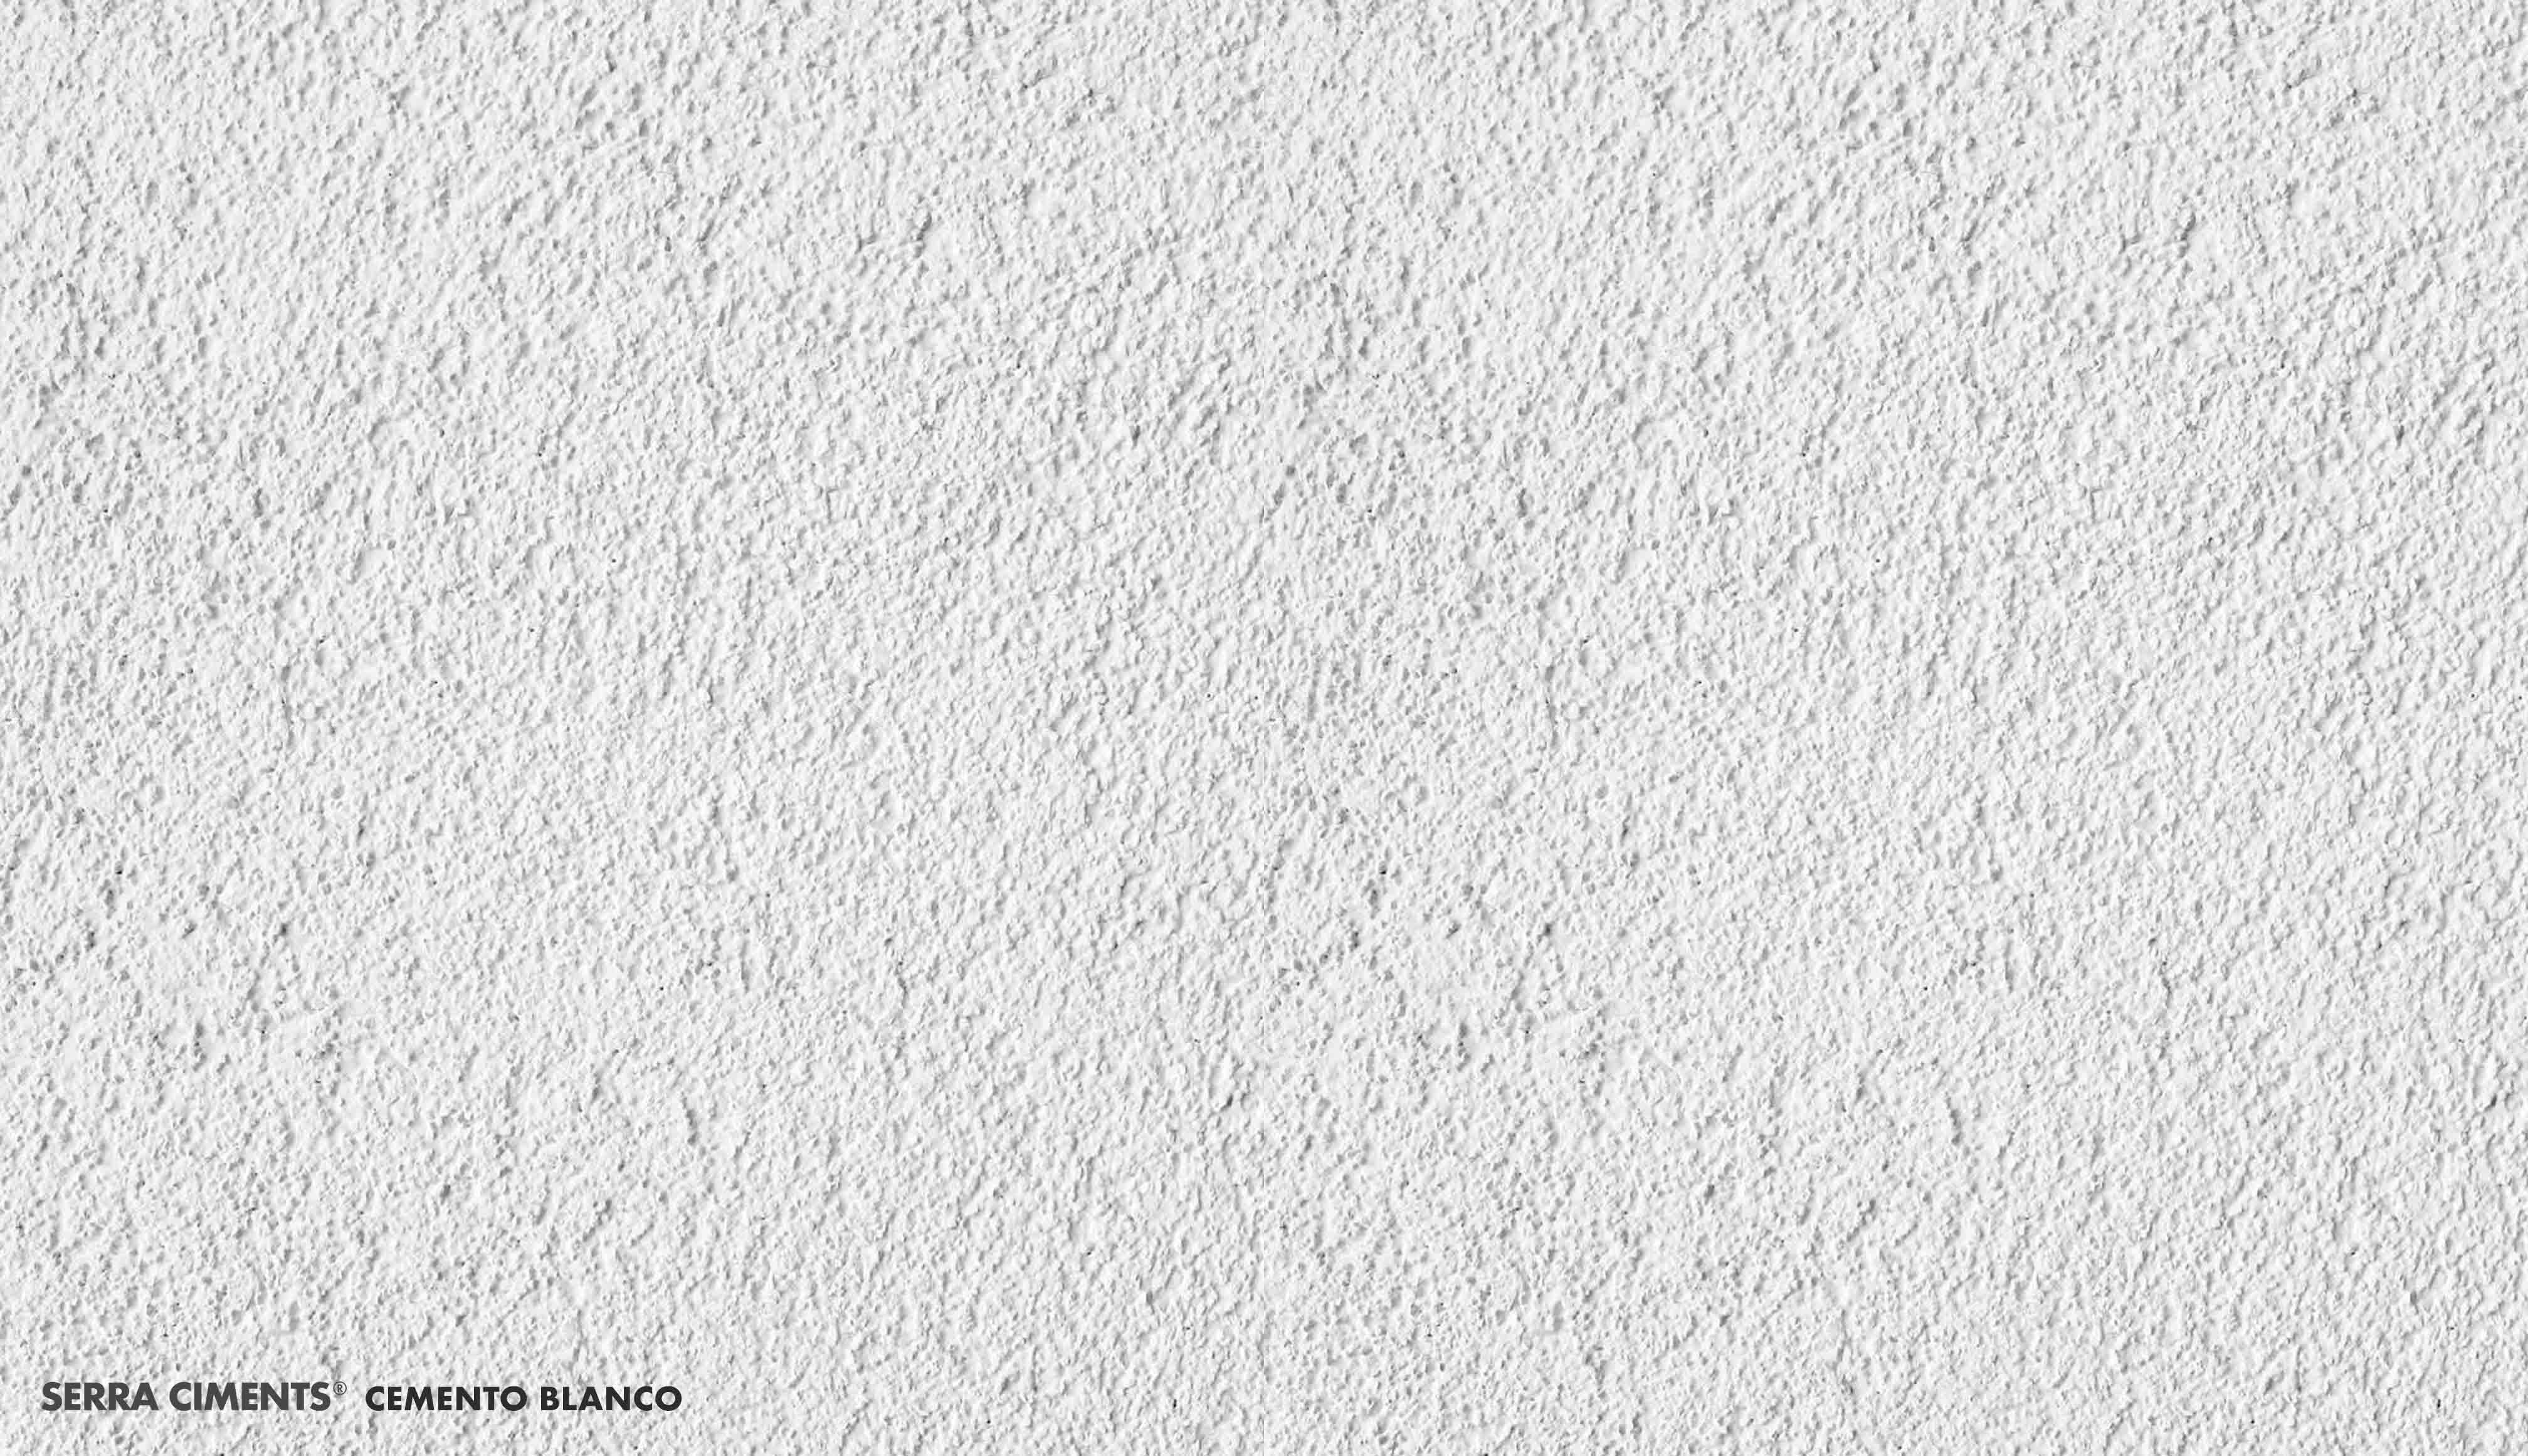 cemento blanco envasado y granel